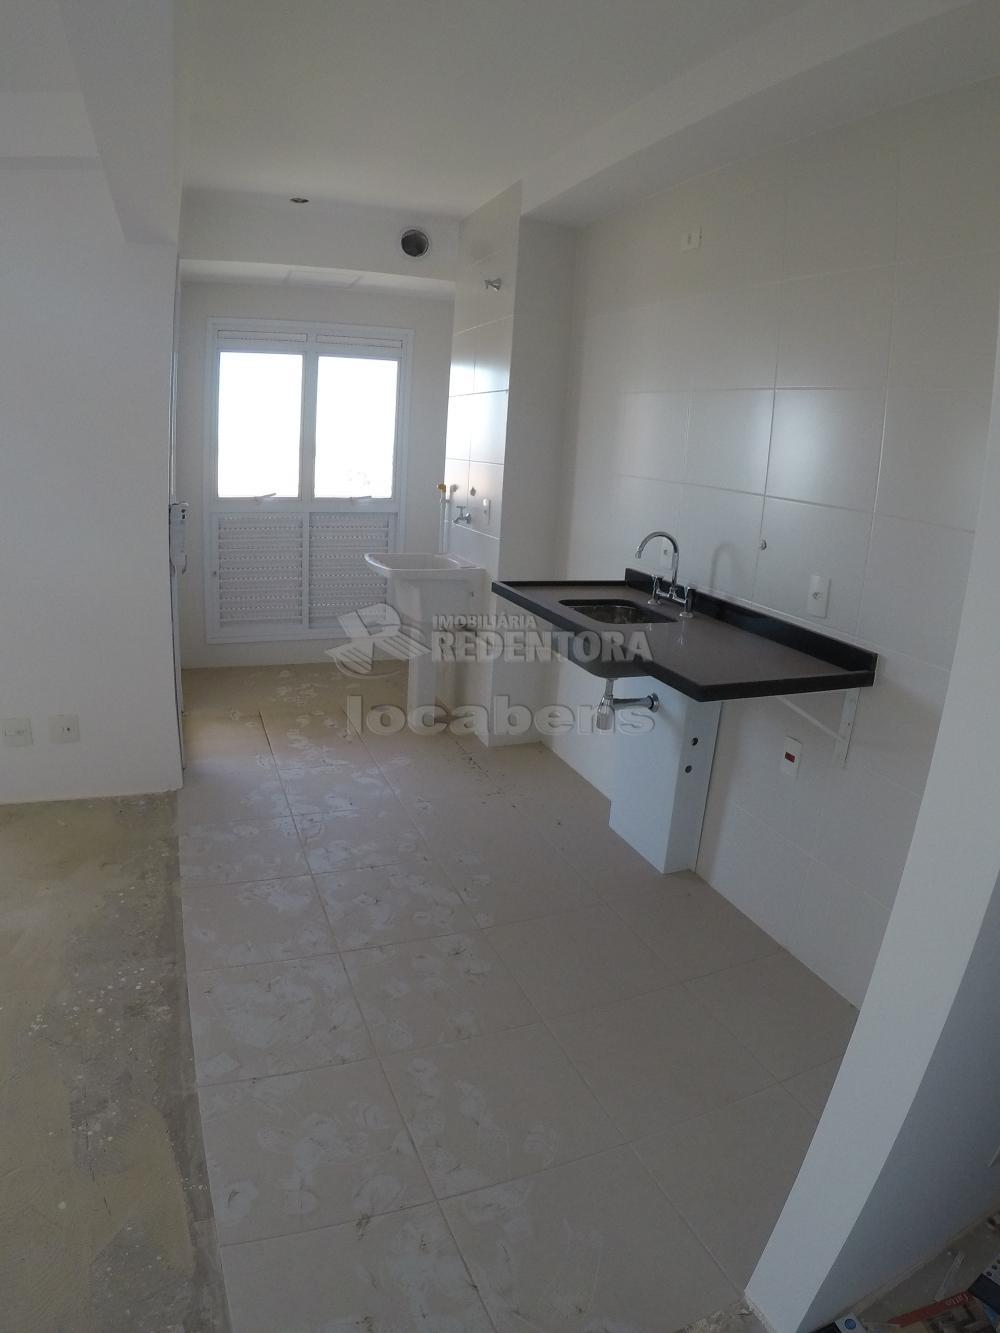 Comprar Apartamento / Padrão em São José do Rio Preto apenas R$ 720.000,00 - Foto 4